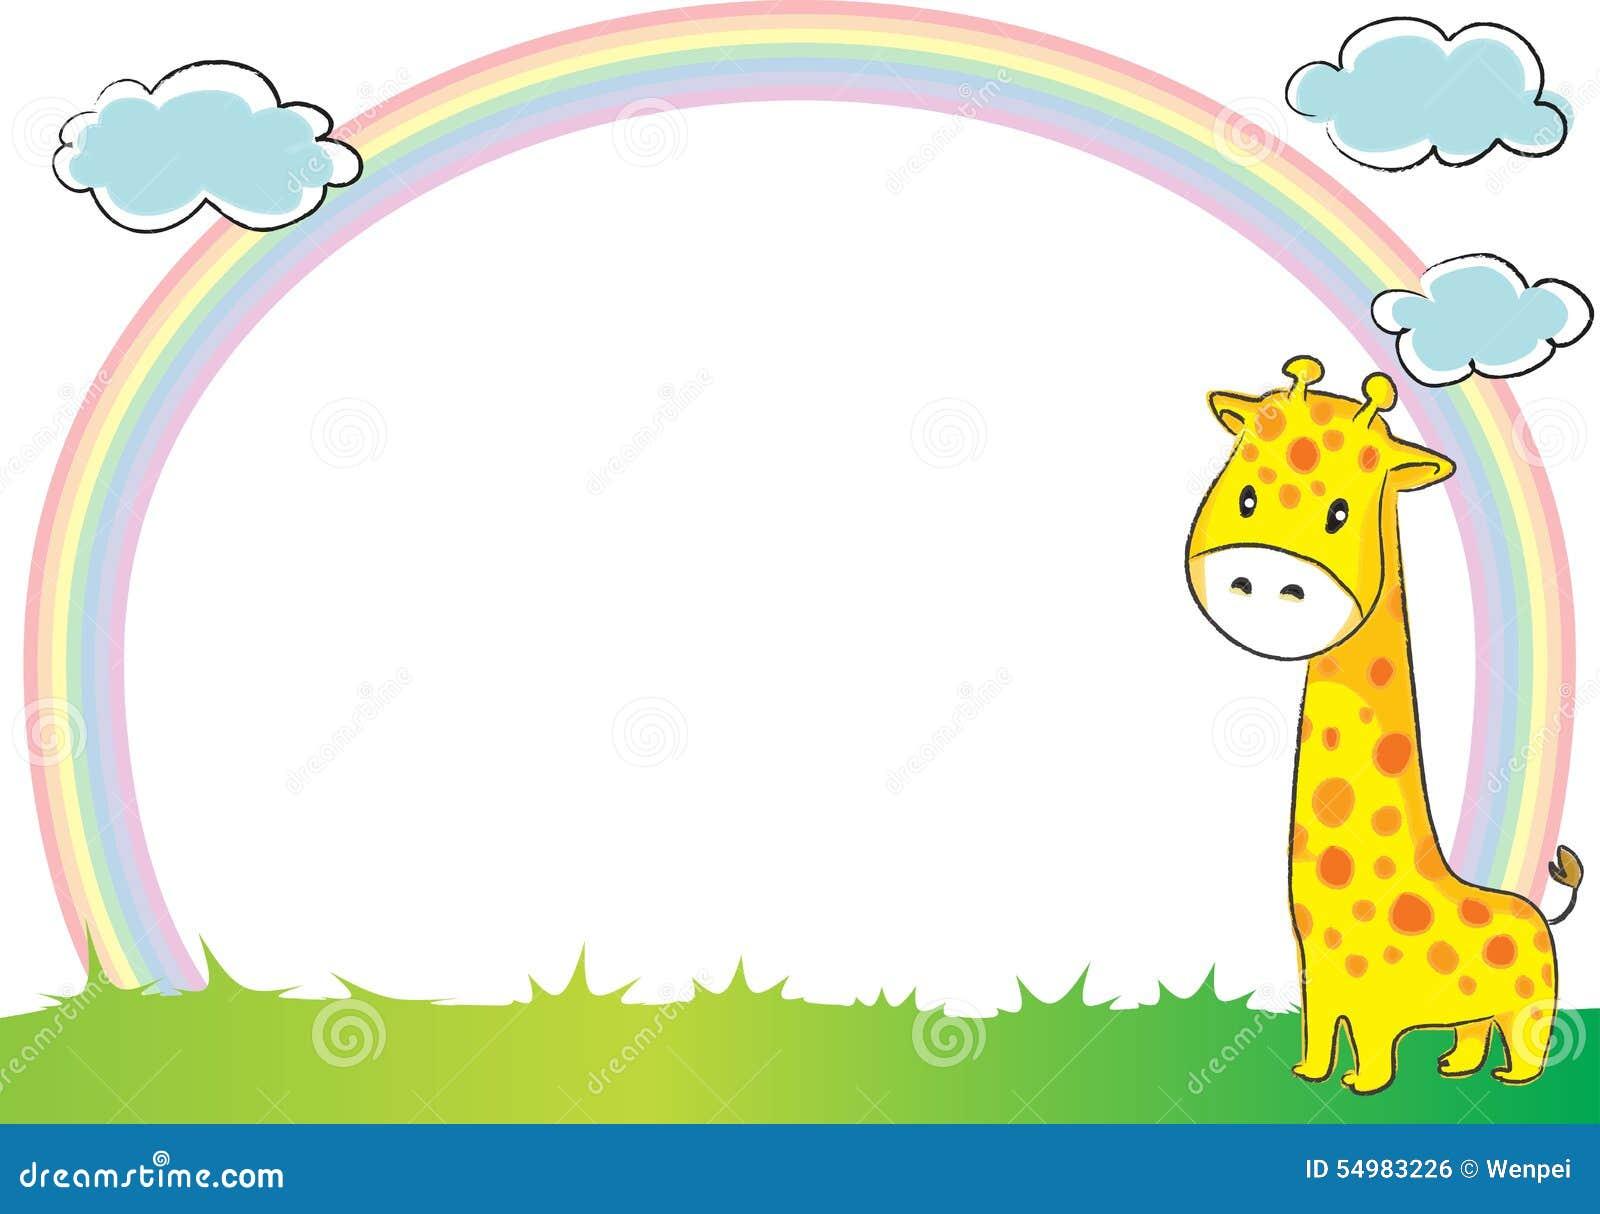 Giraff och regnbåge i bakgrunden